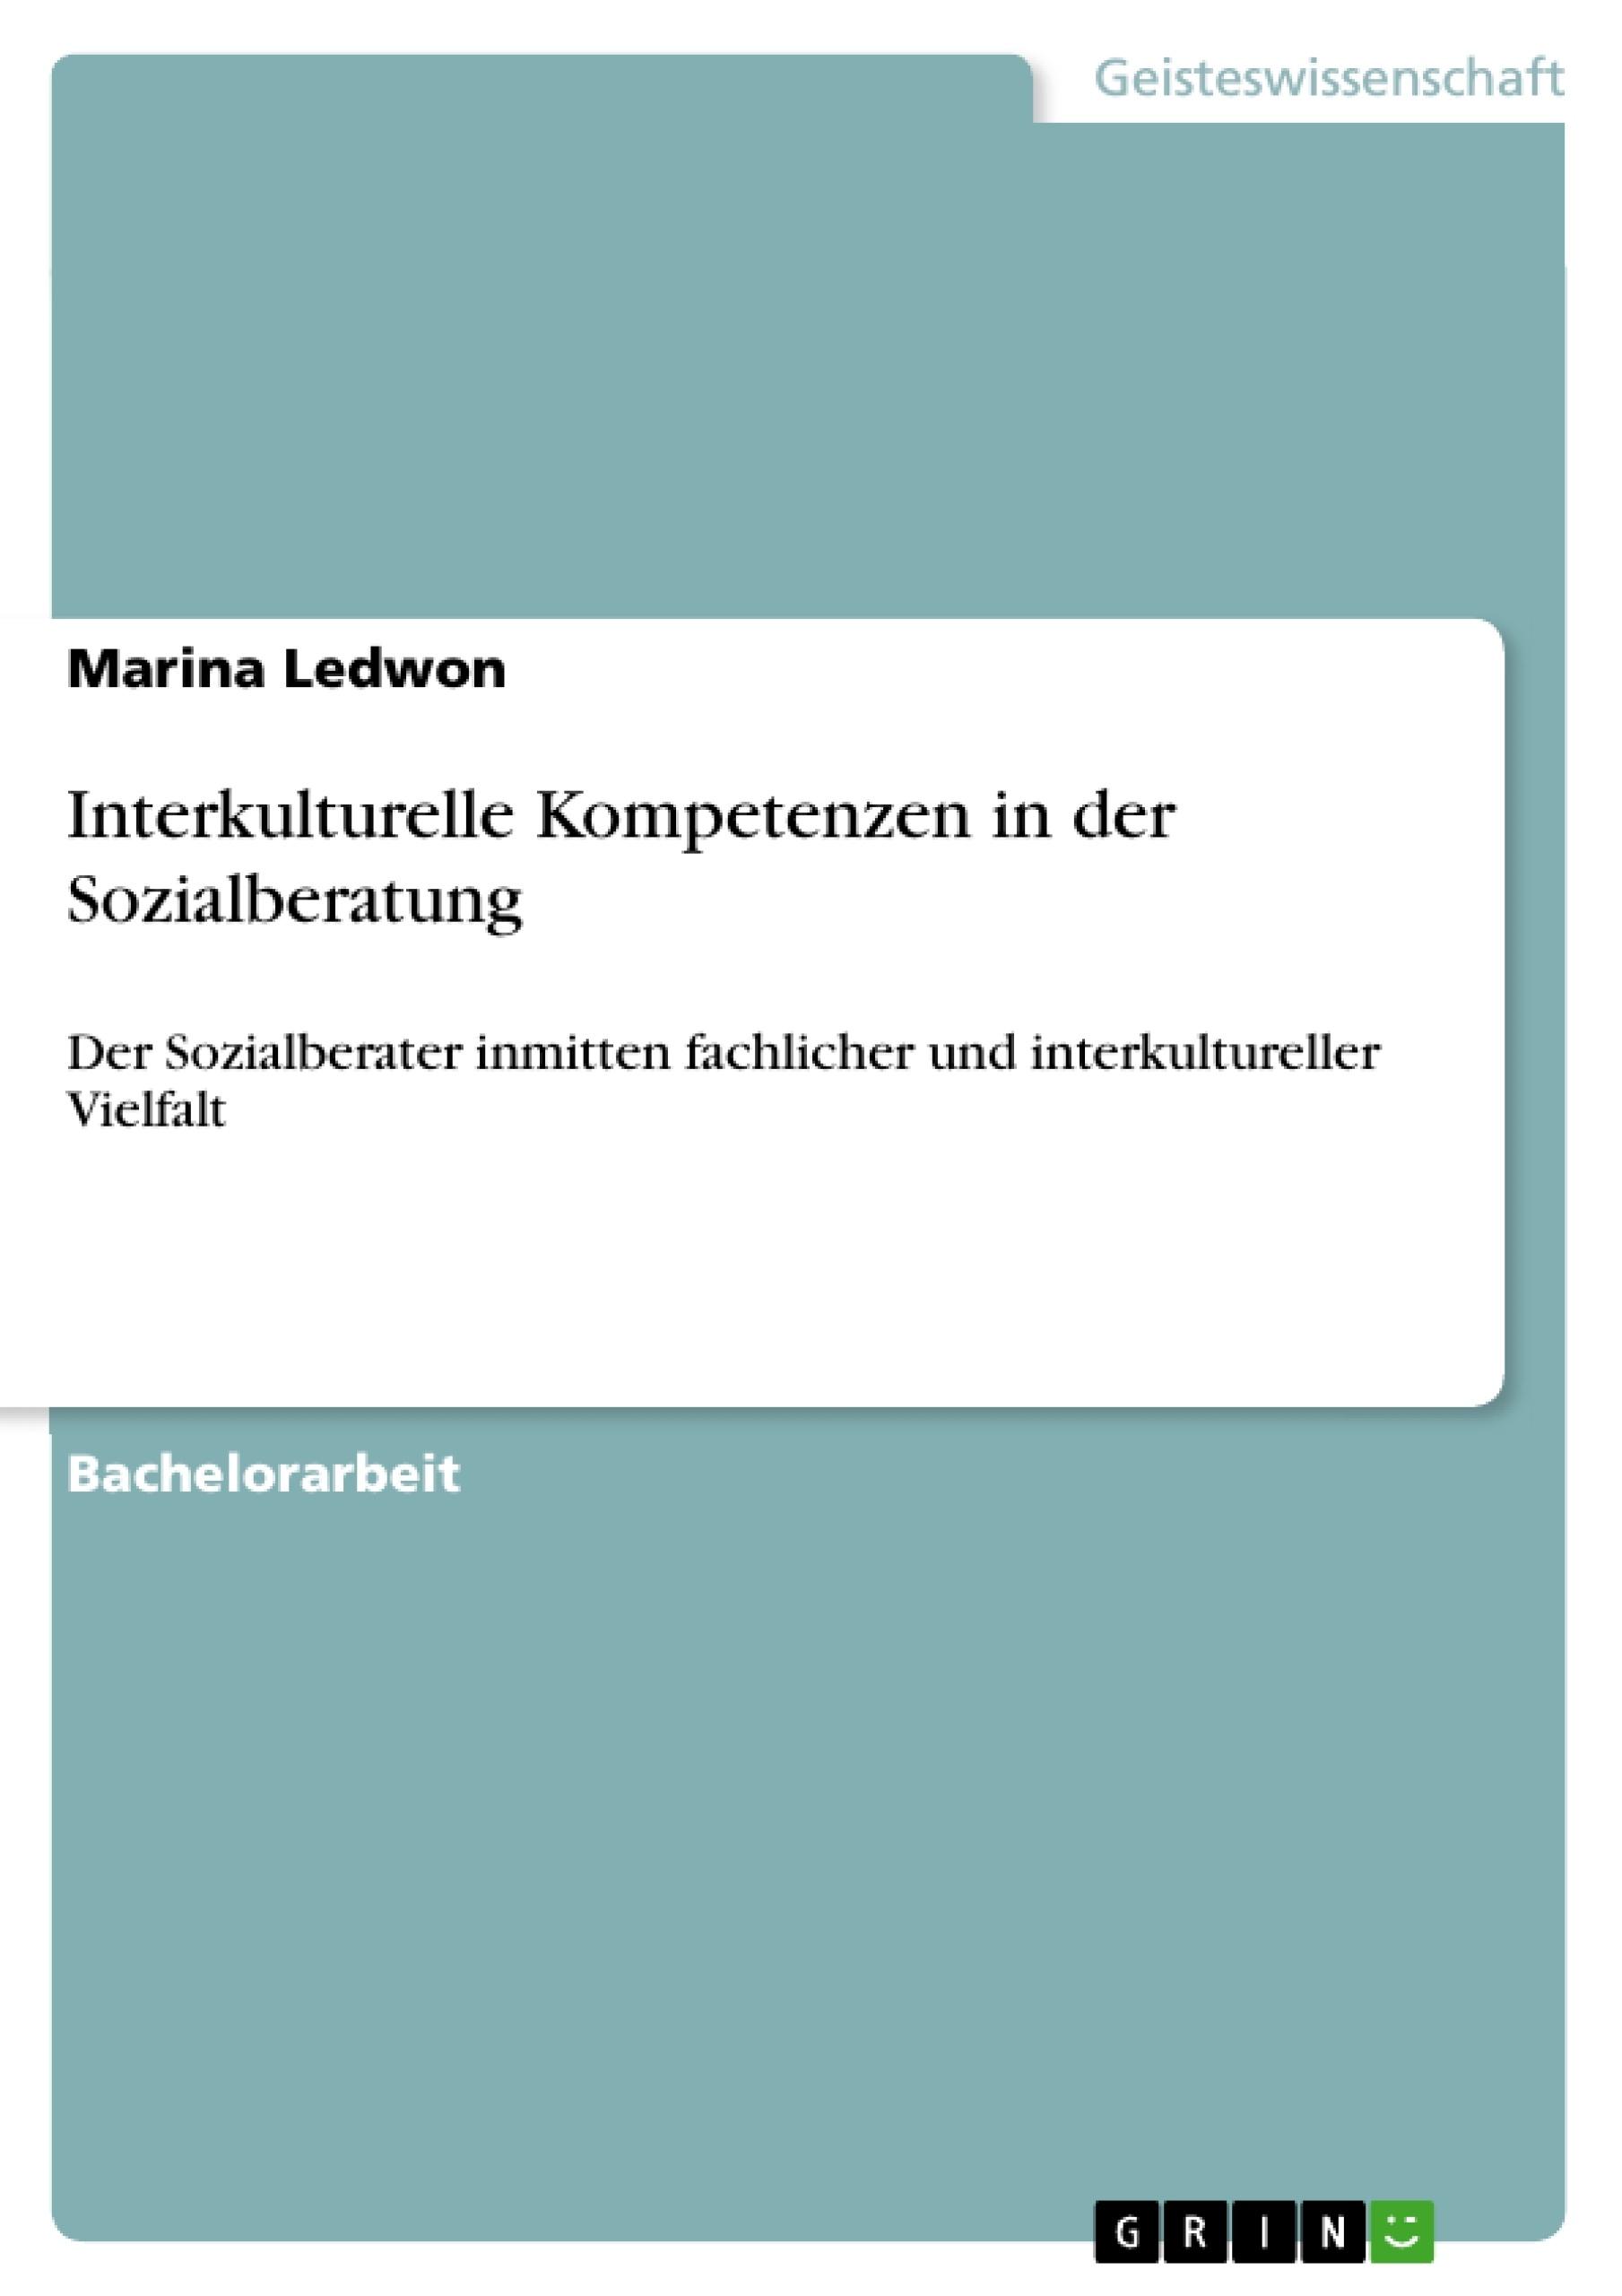 Titel: Interkulturelle Kompetenzen in der Sozialberatung